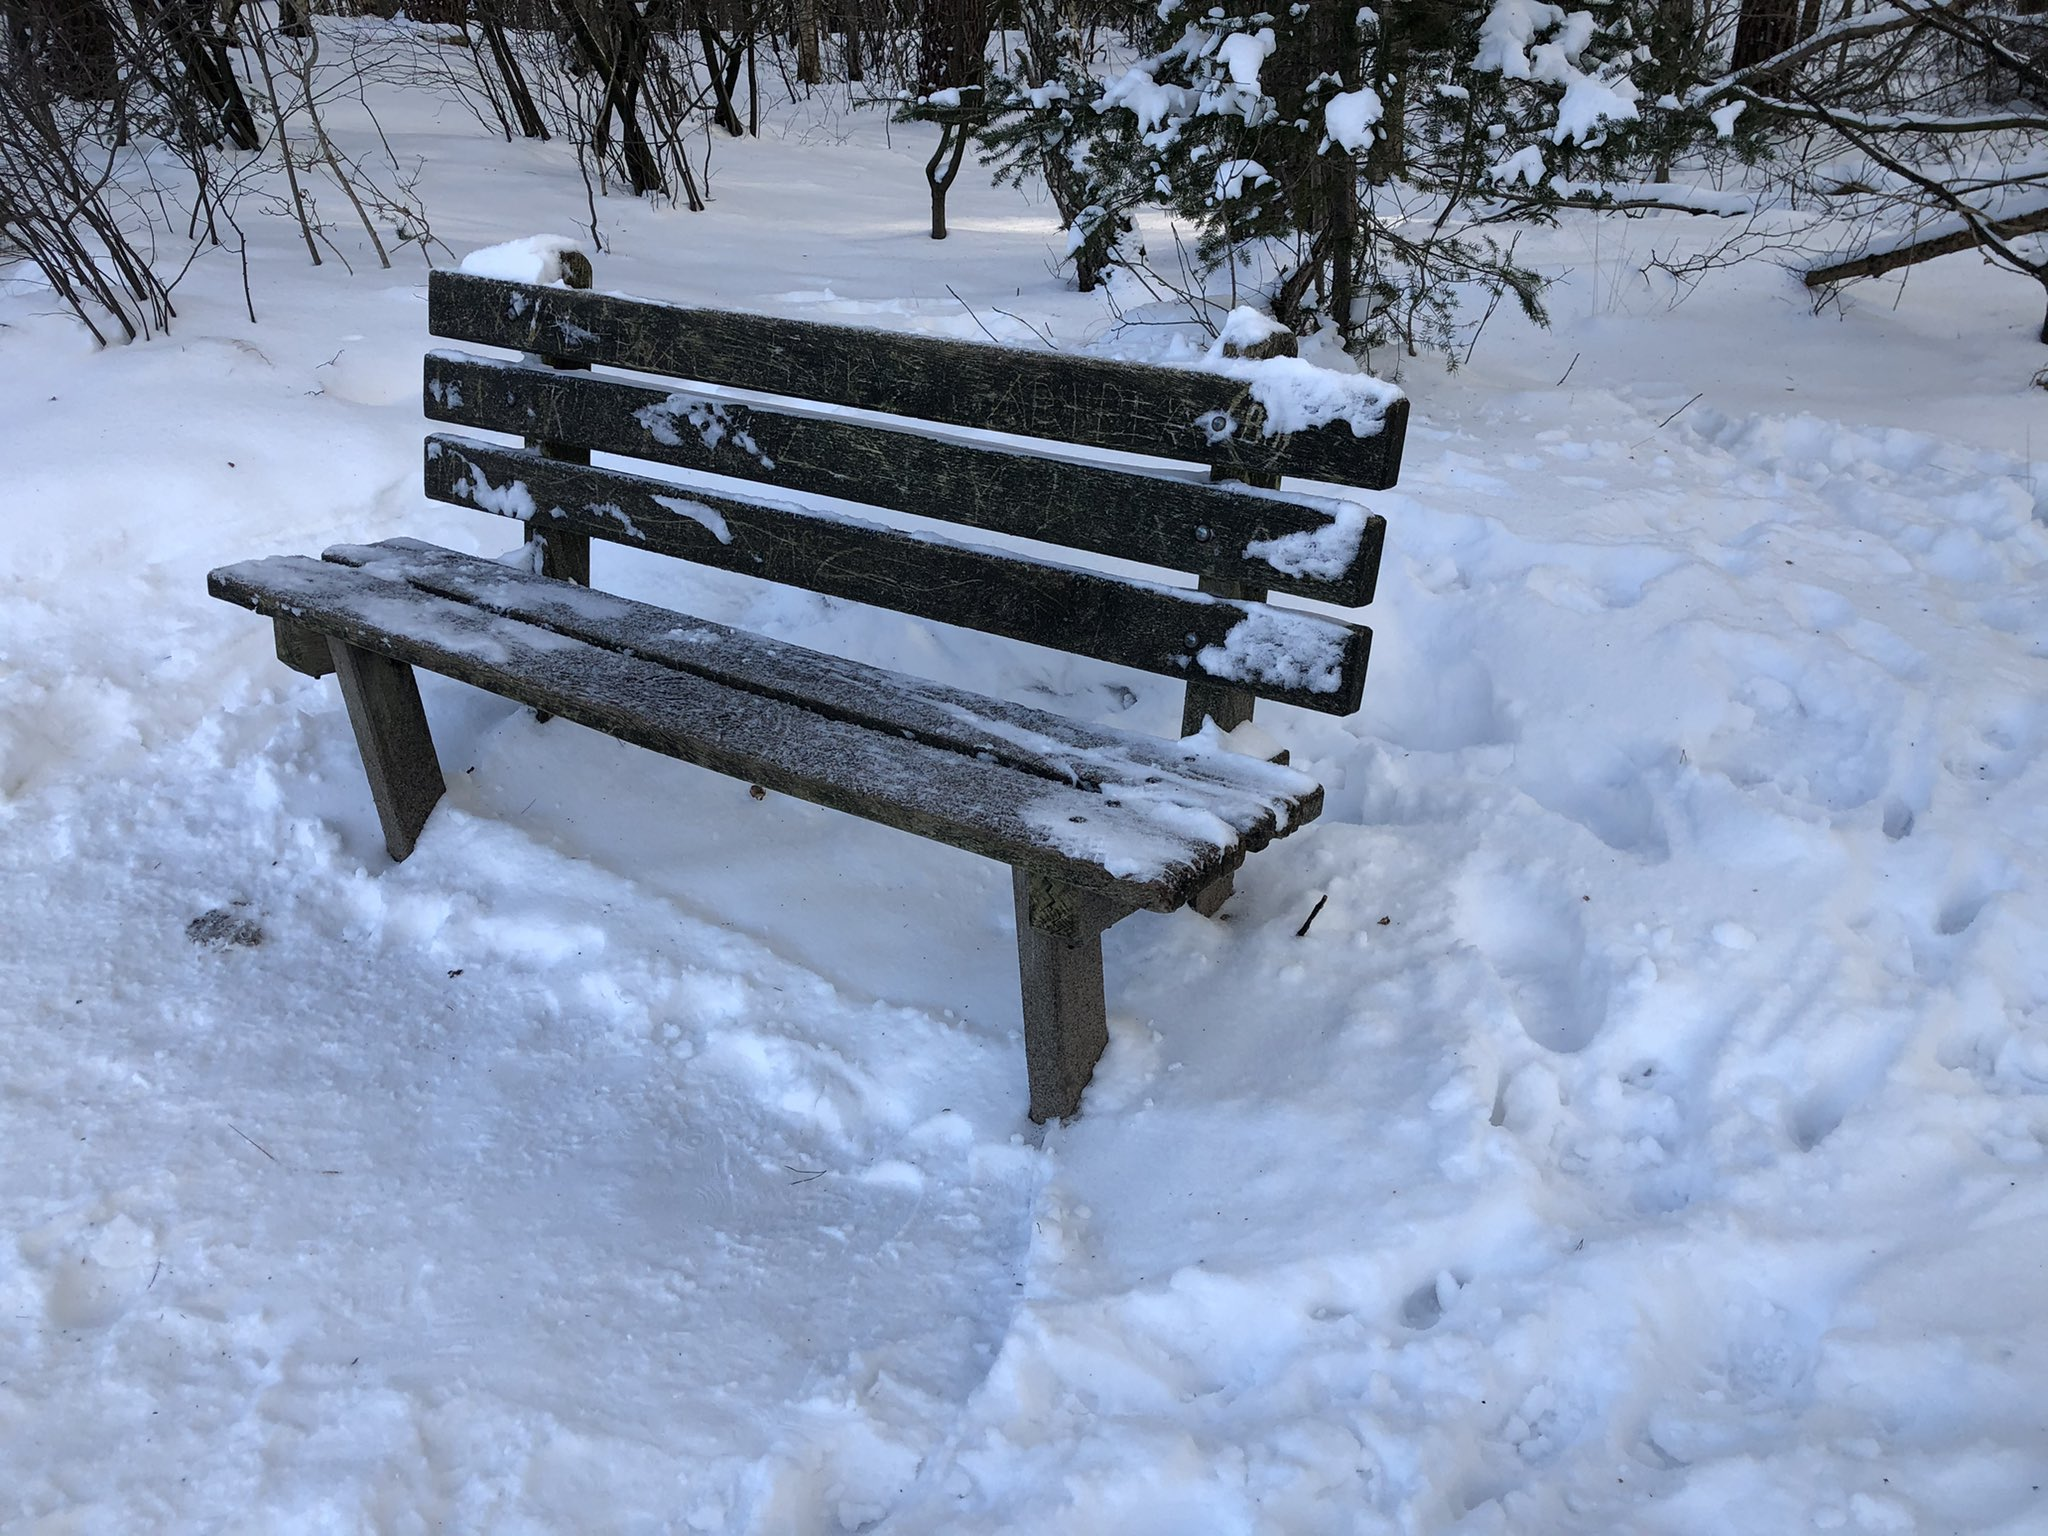 rt-gerritjhkuiper-winter-wandelbankjes-in-eerde-bij-de-meertjes-https-t-co-v82s3nuema